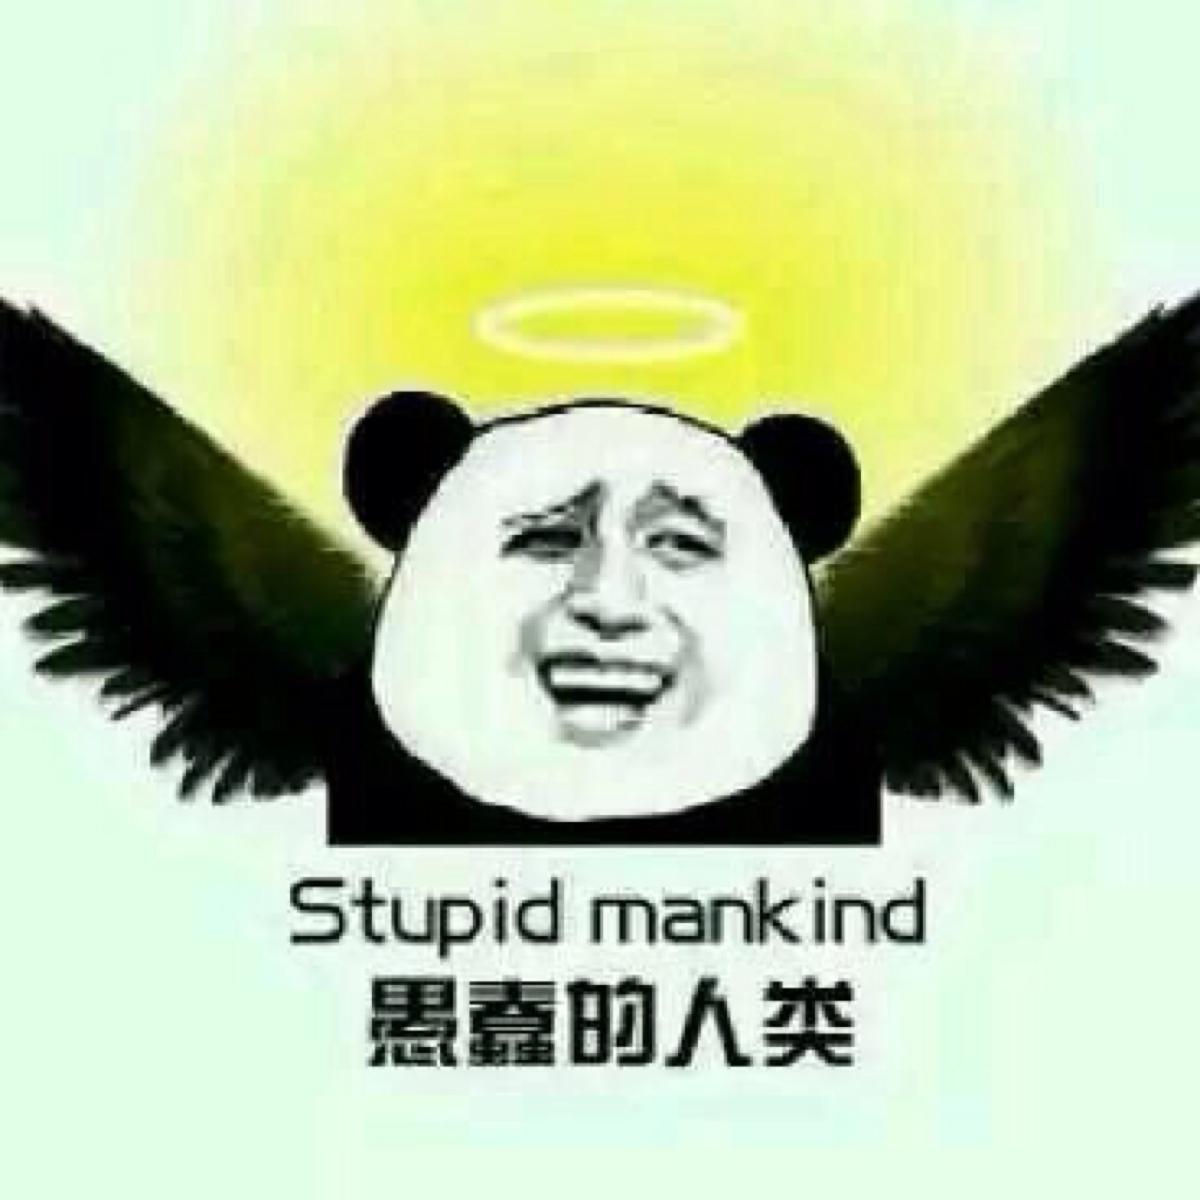 金馆长熊猫表情拿辣条图片 金馆长熊猫表情,金馆长熊猫表情高清图片